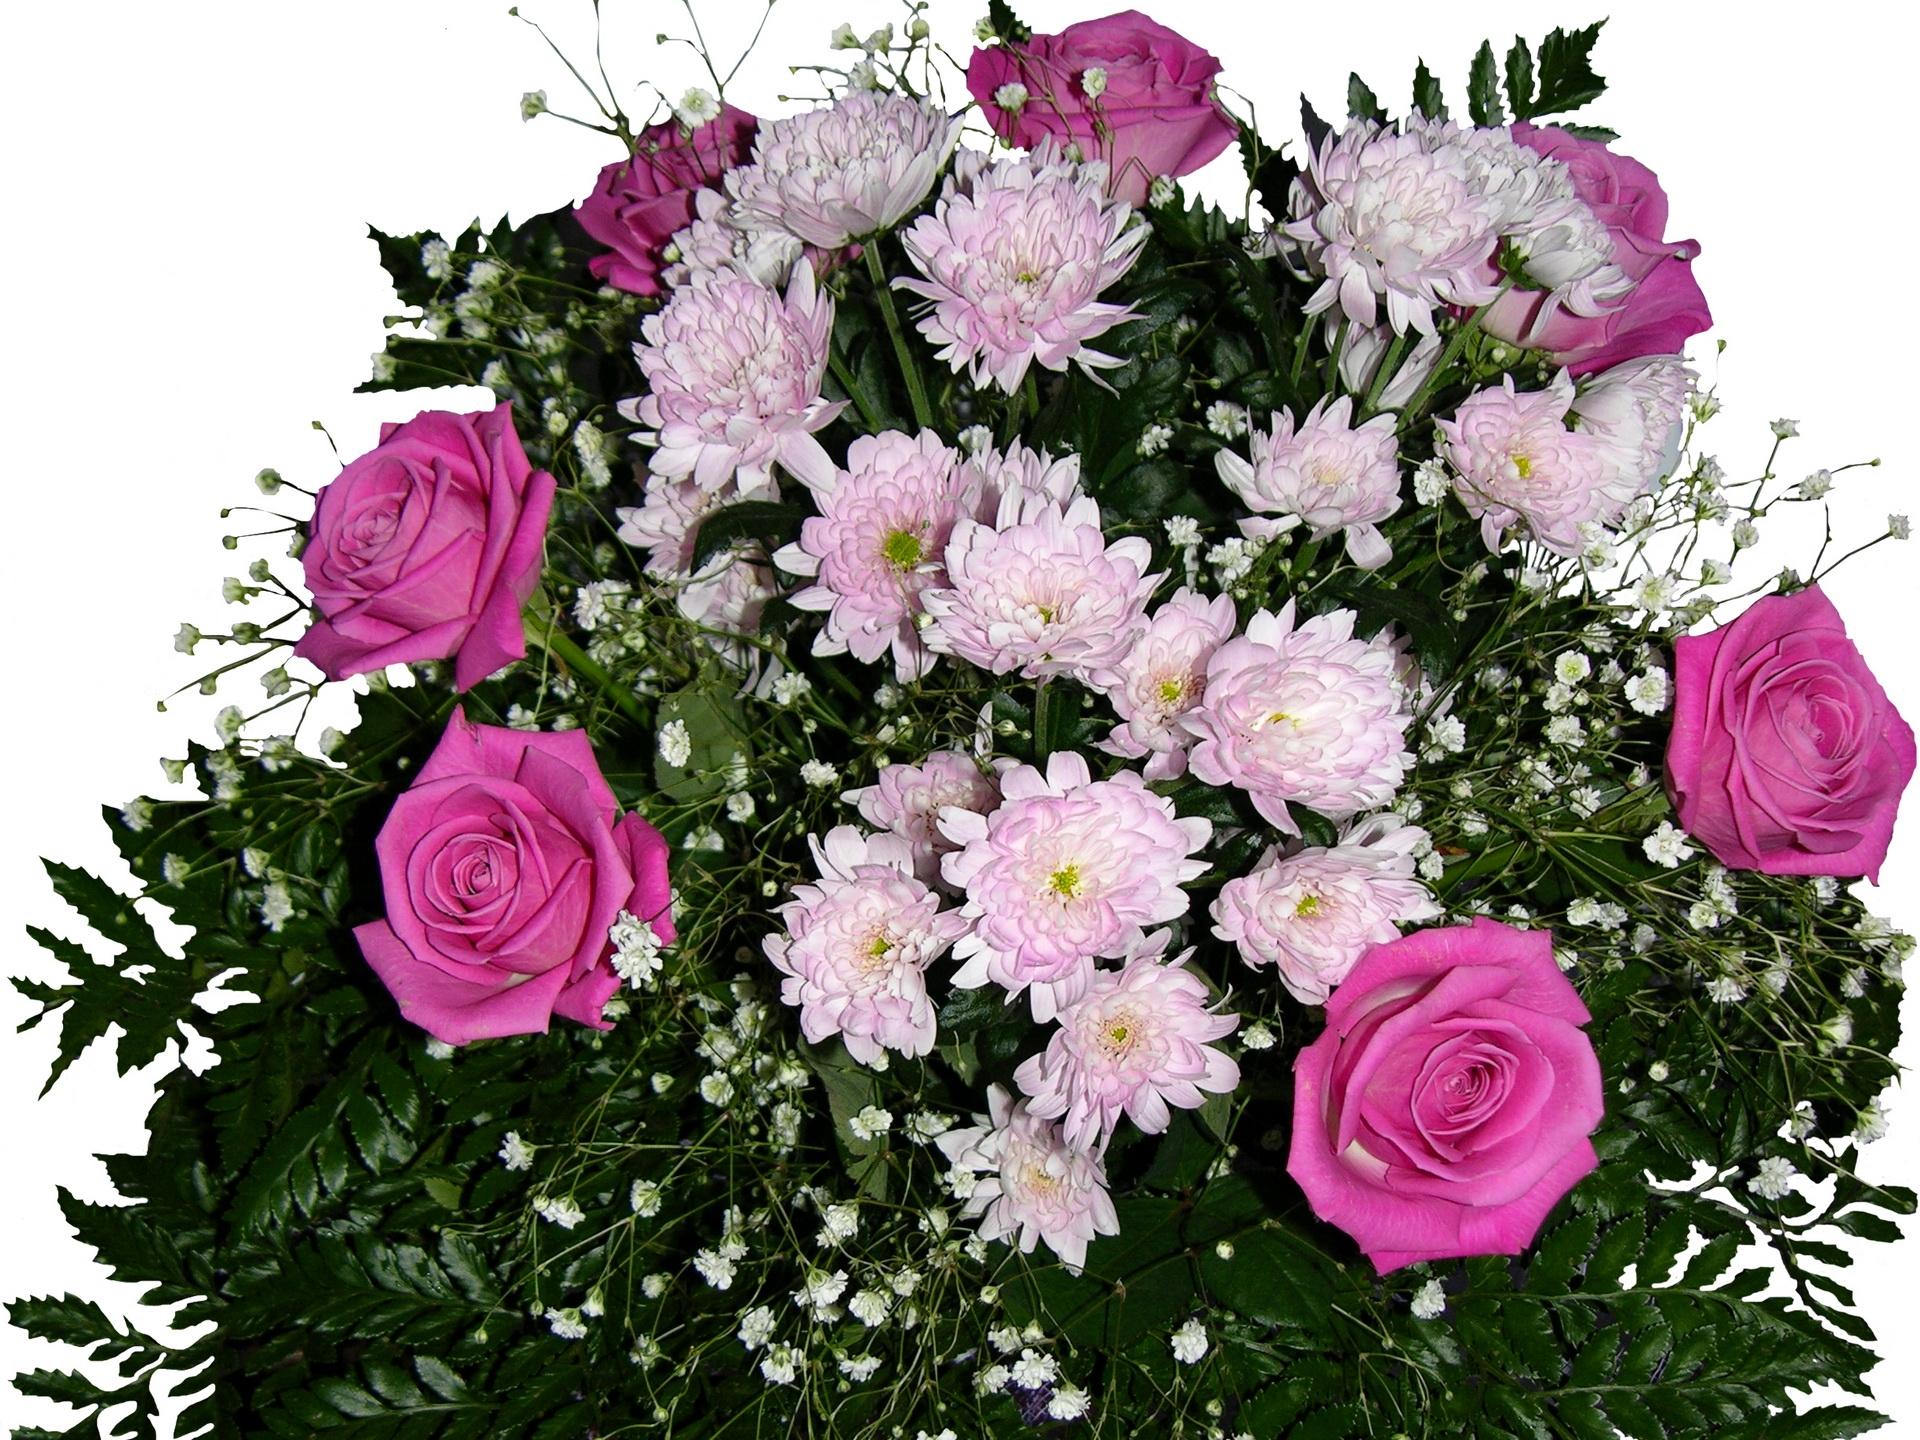 внимательно контролировал открытки с цветами красивые розы хризантемы с пожеланиями популярный микрорайон